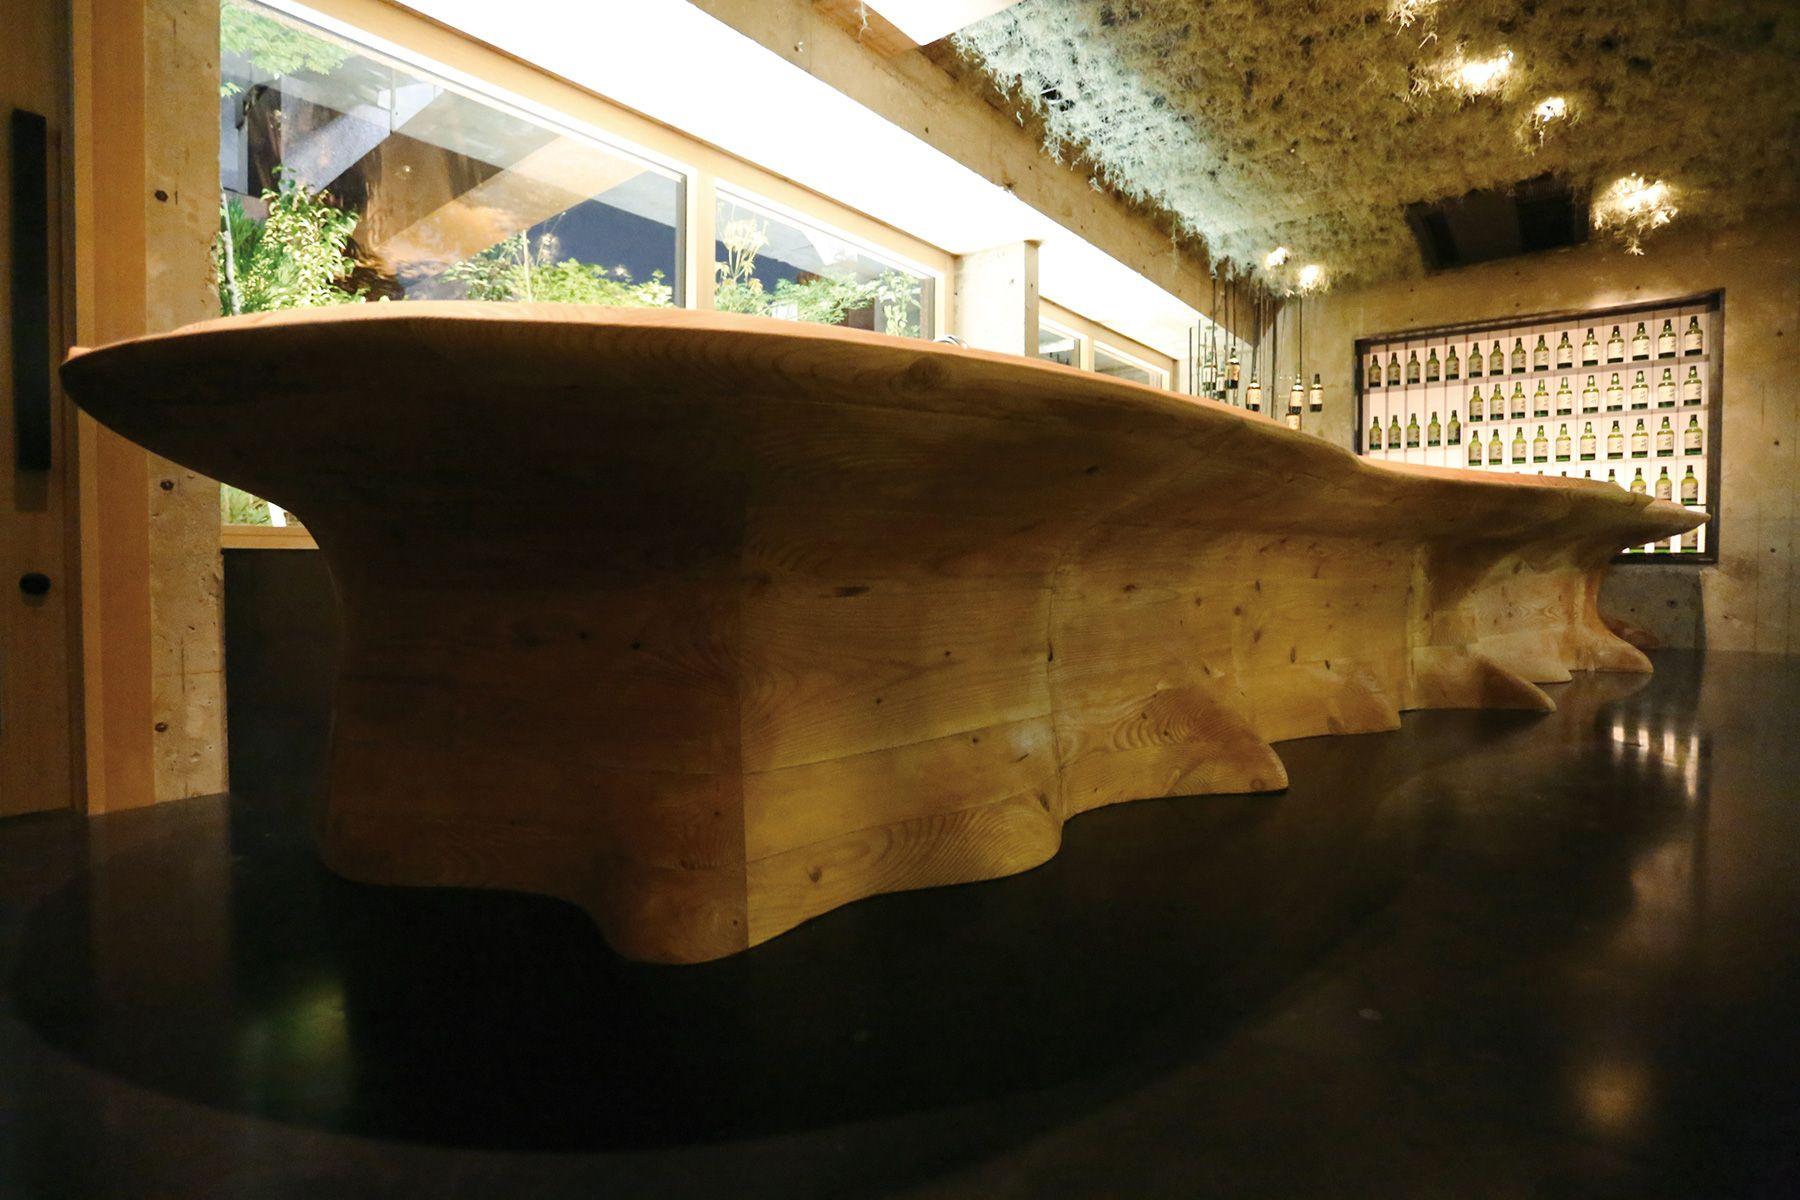 MOMENT KANDA 西口 (モーメント カンダ)/バー存在感のある木のカウンター